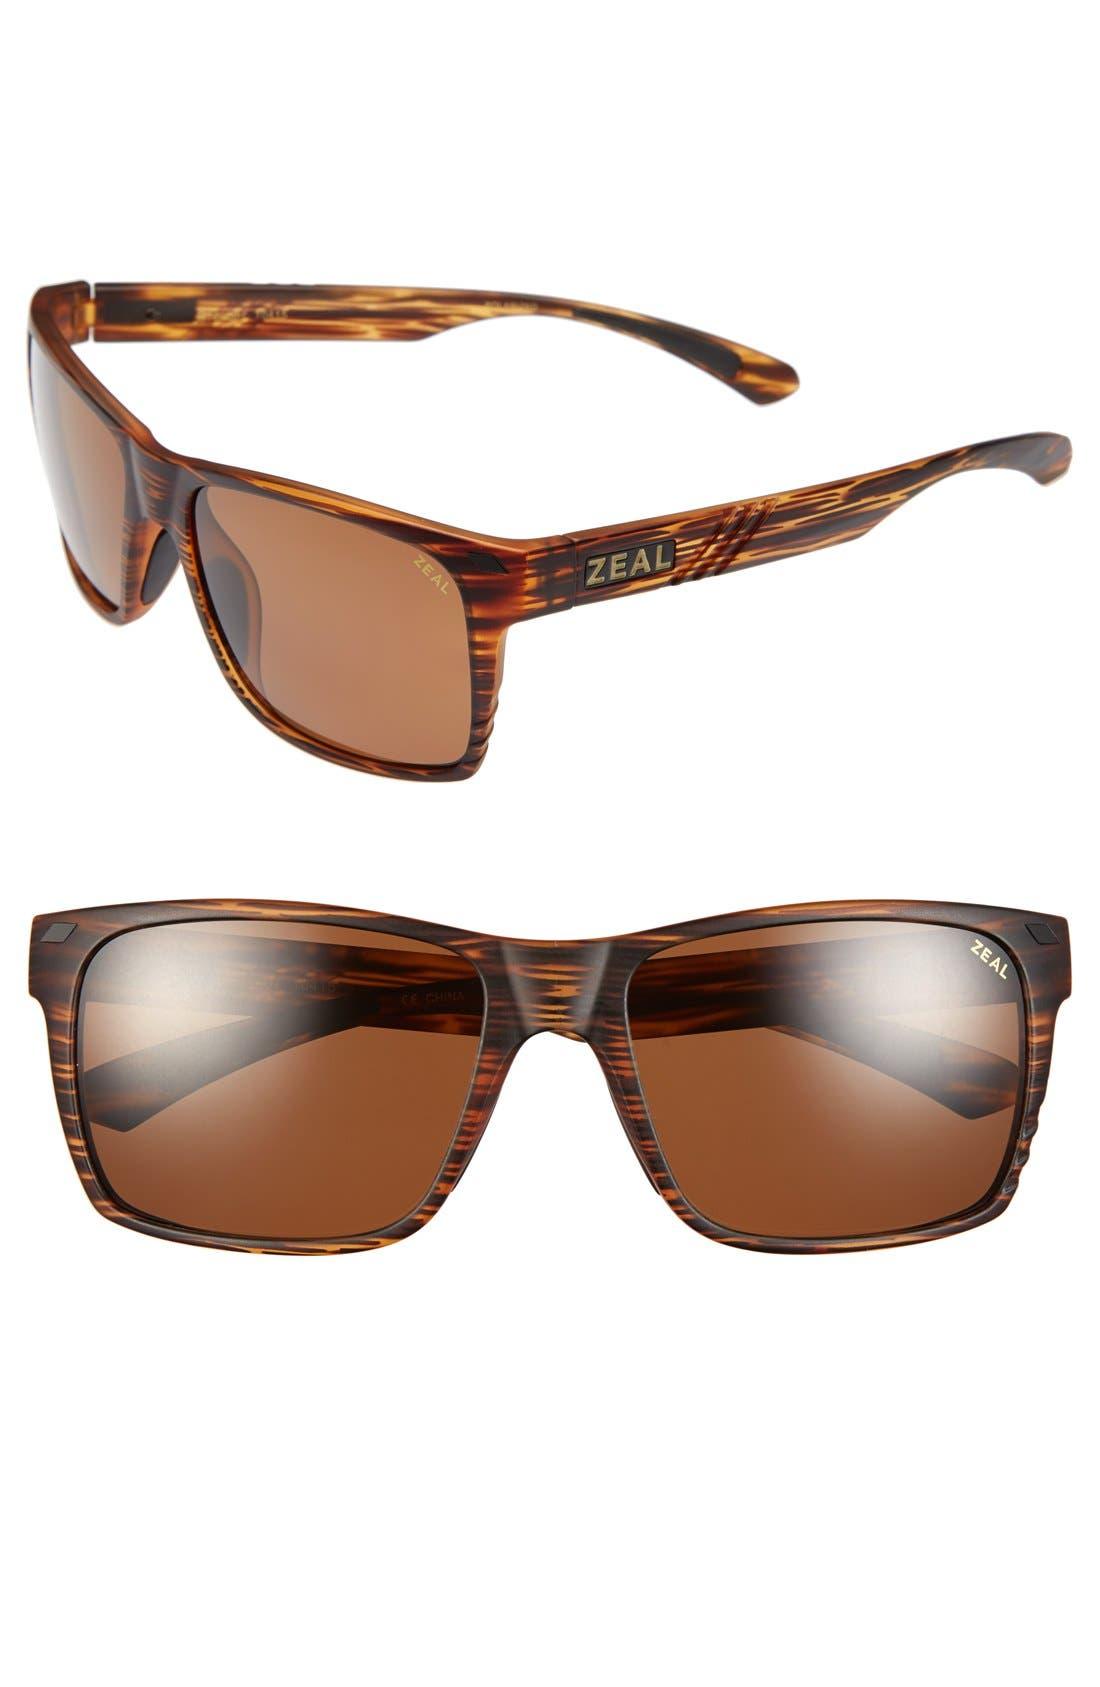 Main Image - Zeal Optics 'Brewer' 57mm Polarized Plant Based Sunglasses